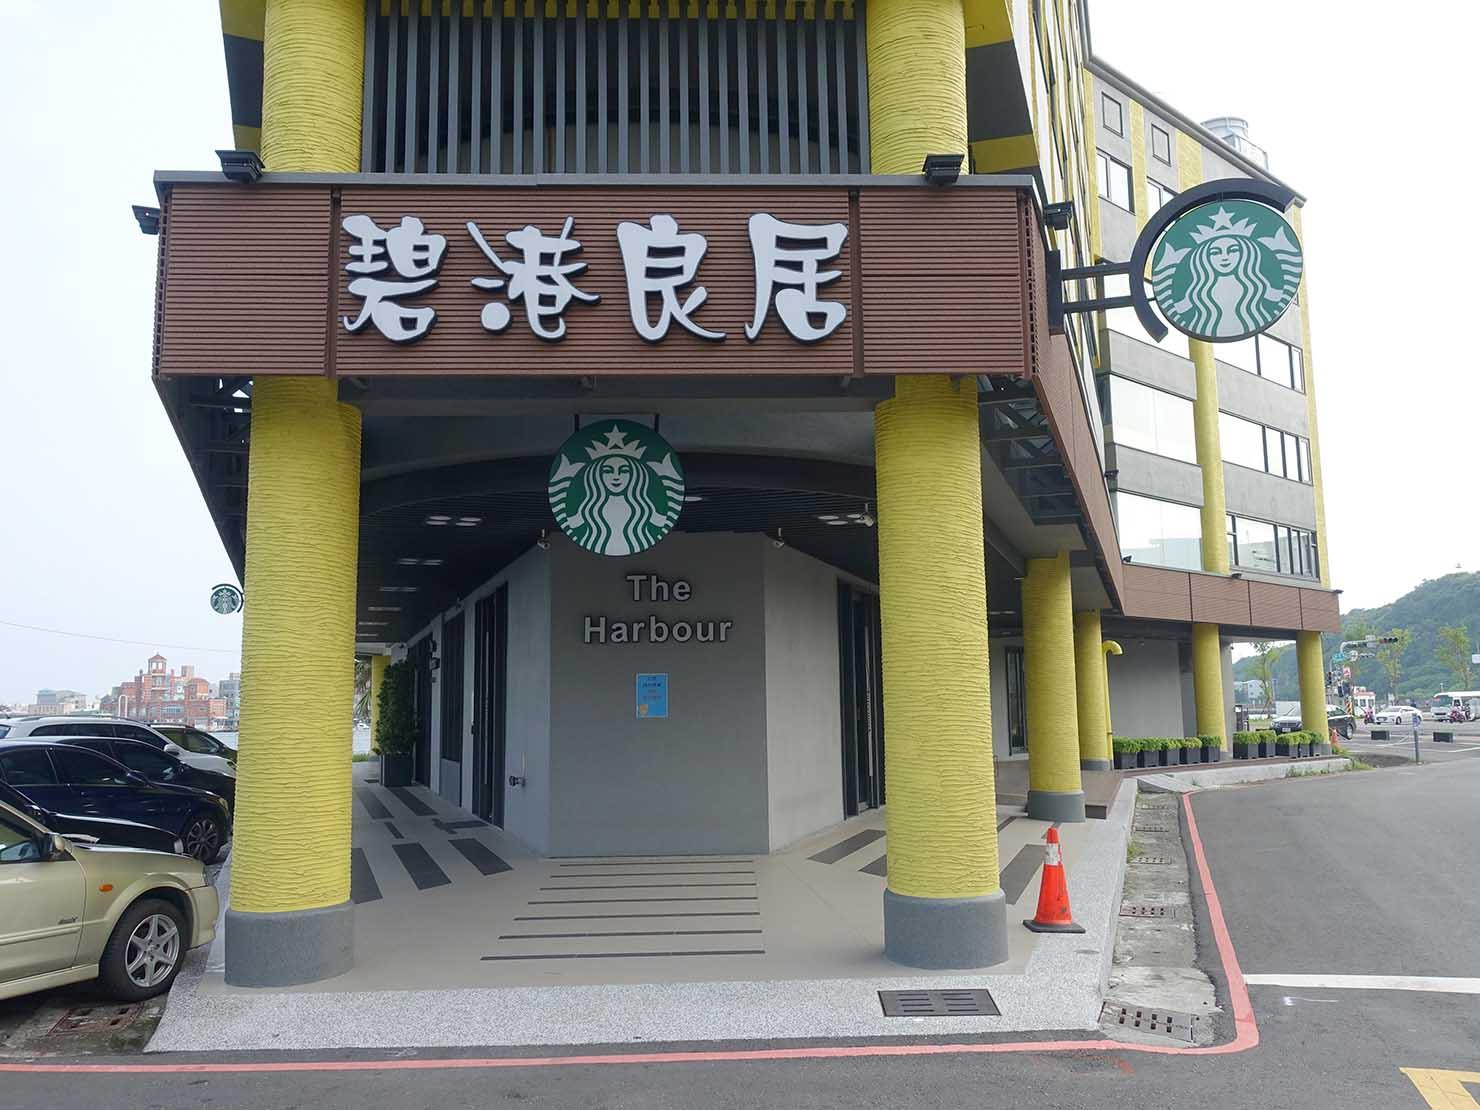 高雄・西子灣の港に立つ海辺のホテル「碧港良居 Watermark Hotel」本館の外観